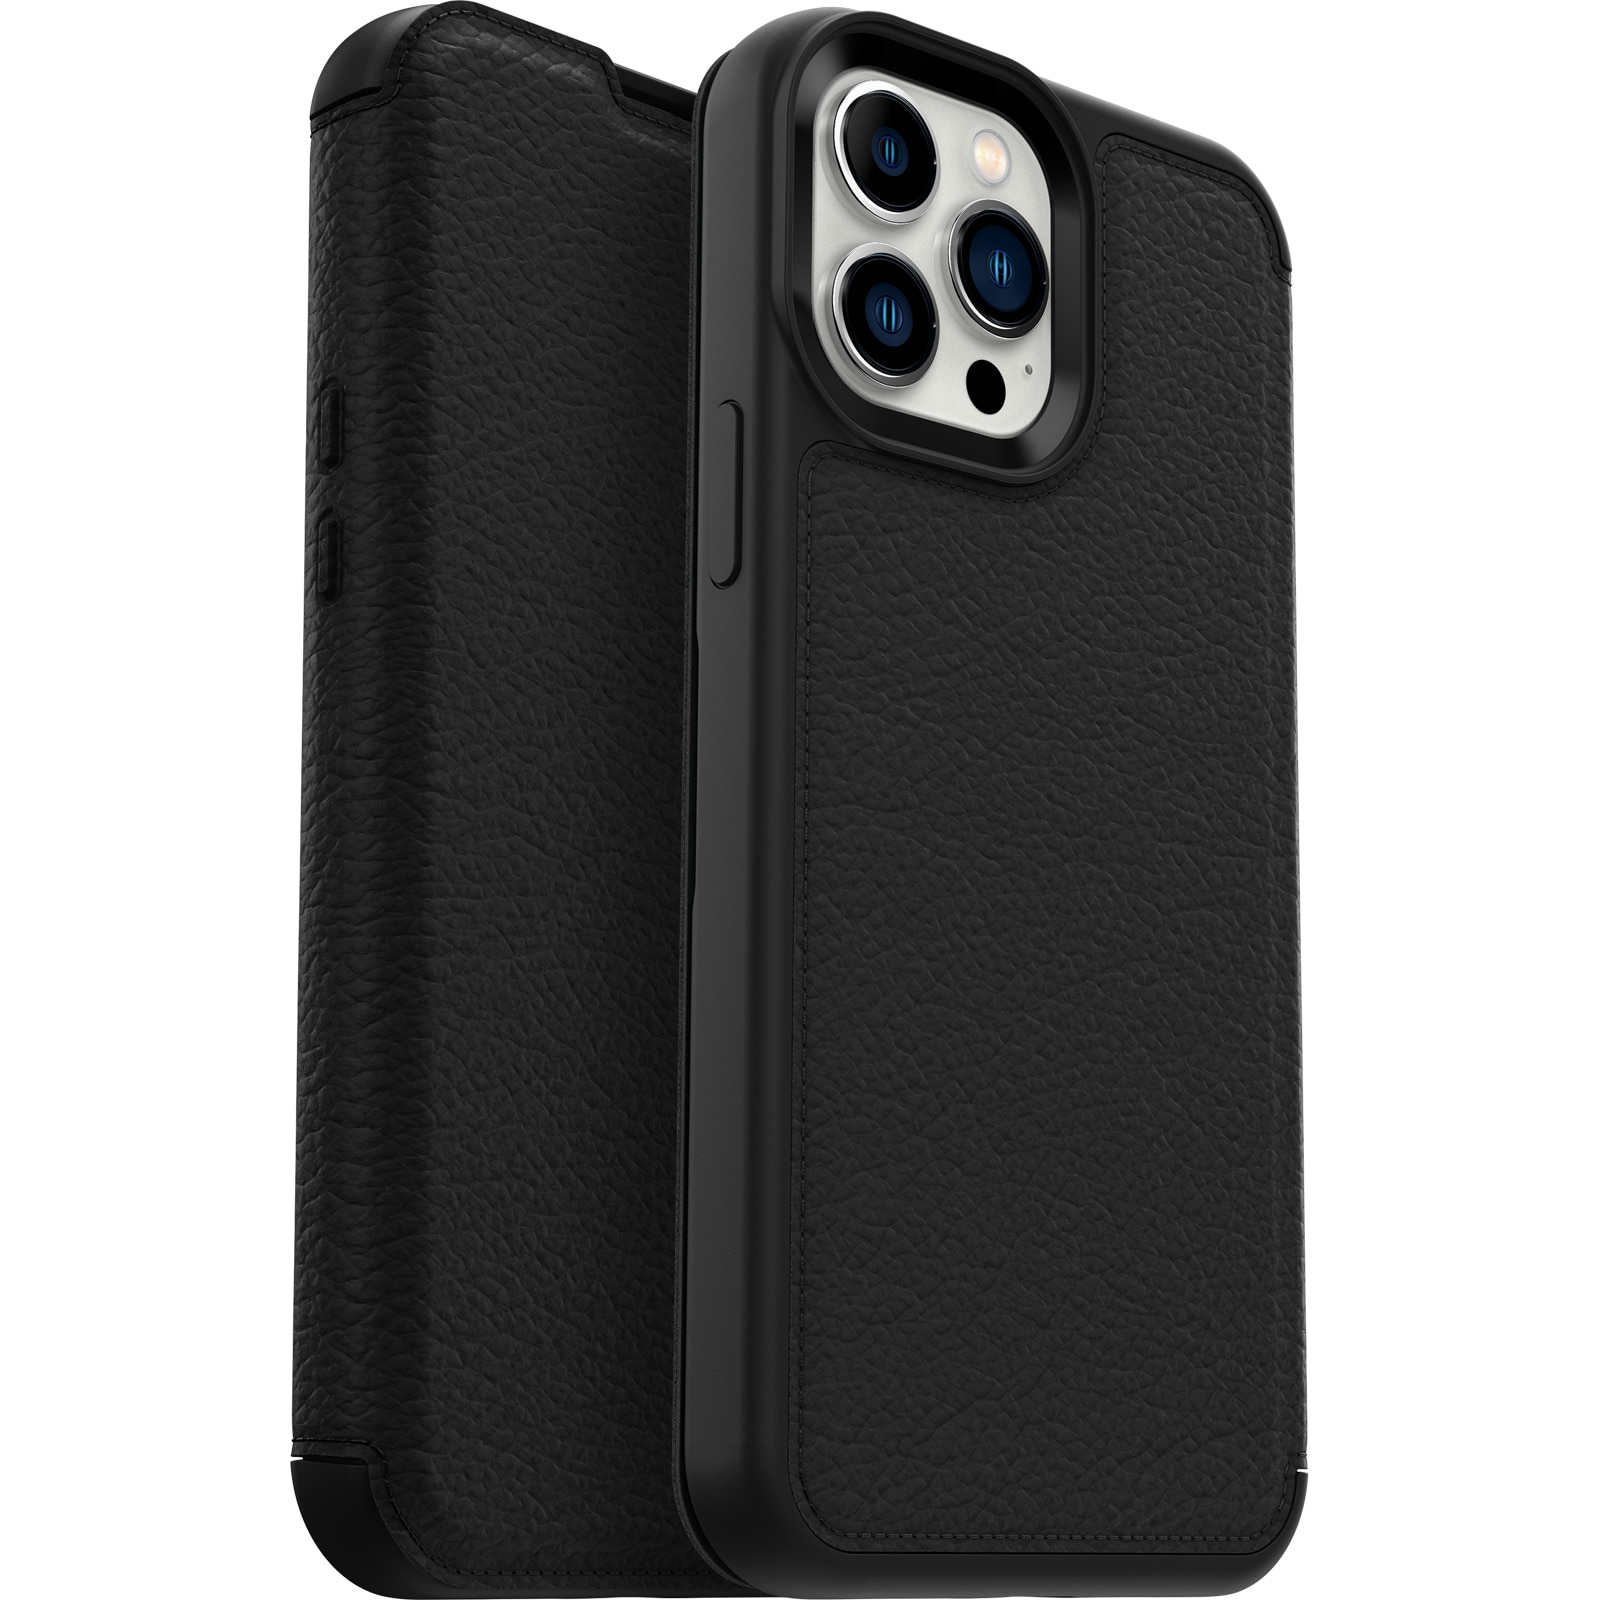 Strada Case iPhone 13 Pro Max Black